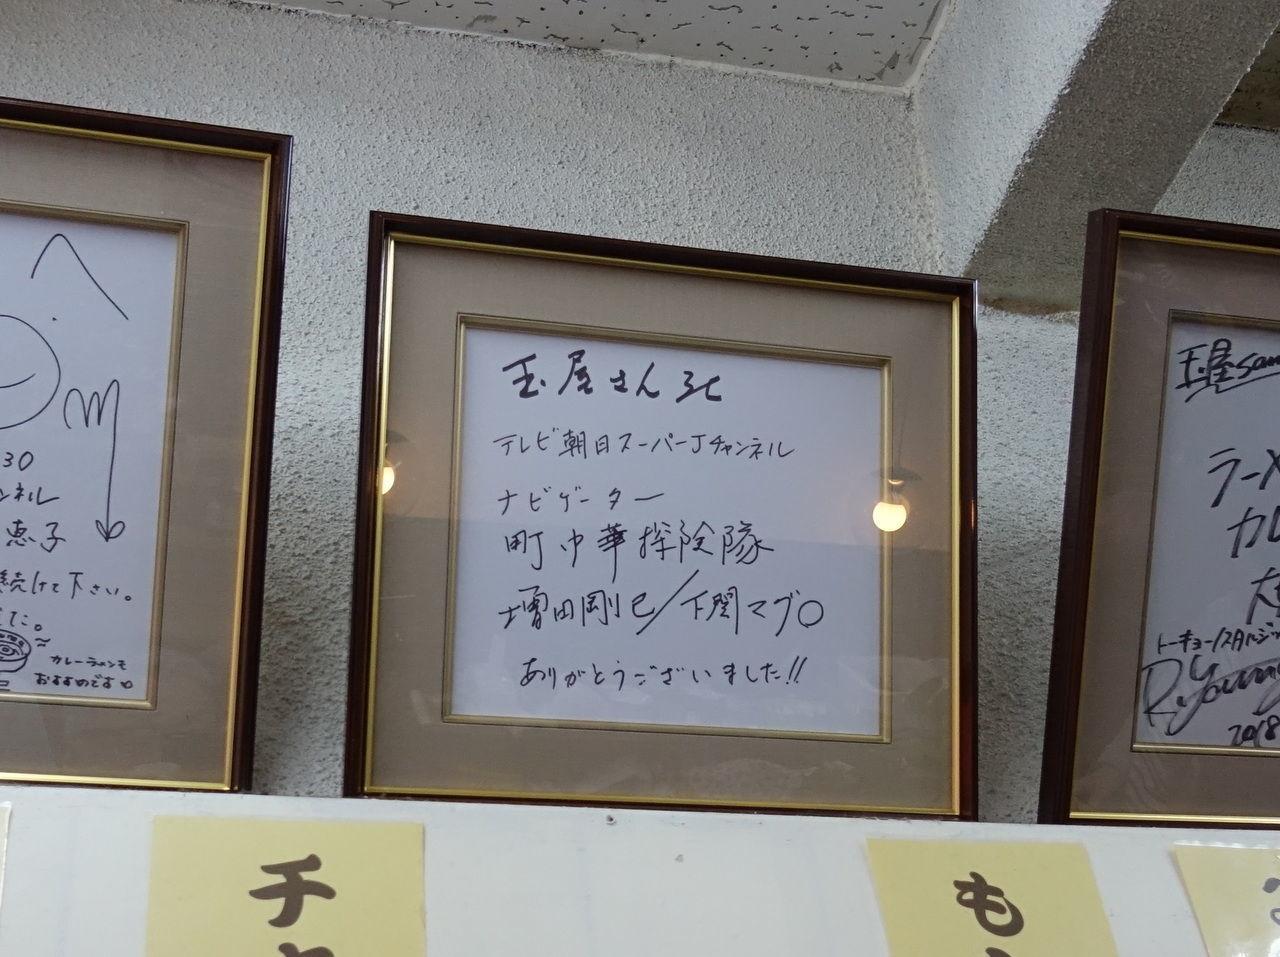 f:id:maguro1958:20190412163456j:plain